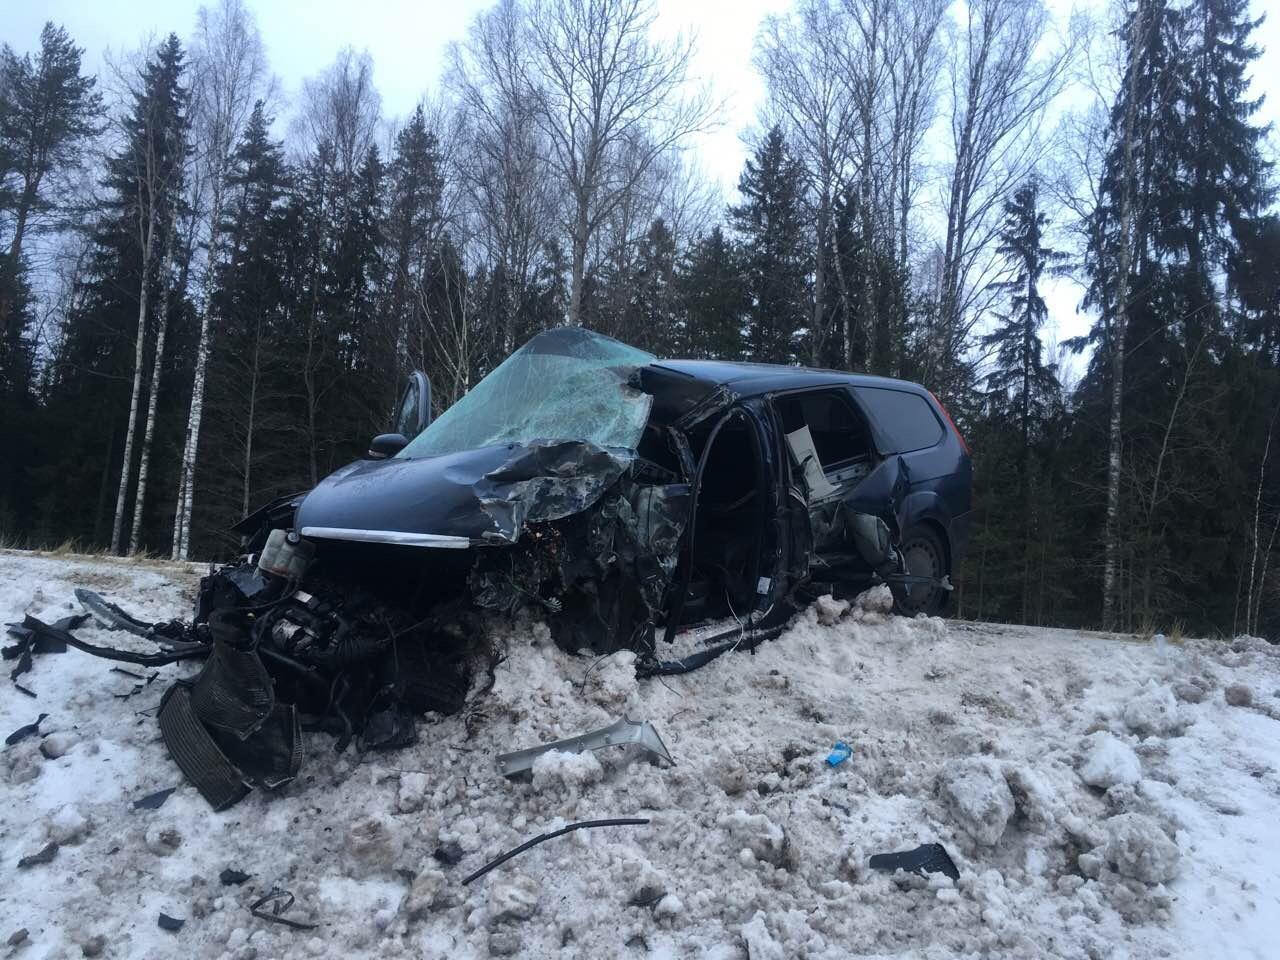 ВЧагодощенском районе шофёр  иномарки заснул  зарулем иврезался в грузовой автомобиль